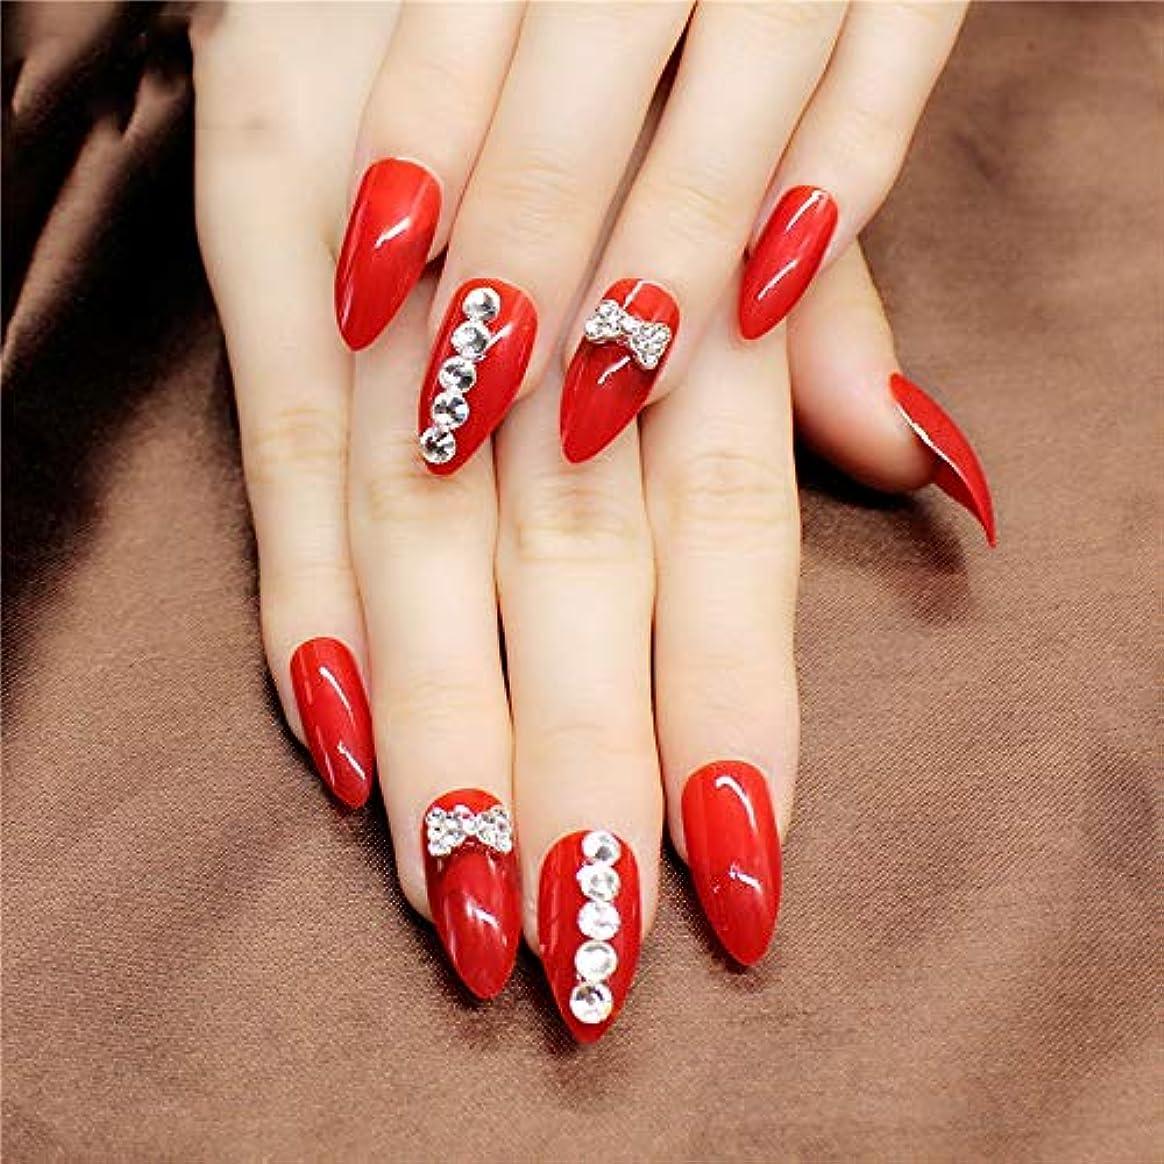 松ウォルターカニンガムドレインXUTXZKA 24本/箱赤いスティレット偽の爪の石のパターンは指のための暗い光沢のある長押しを指摘